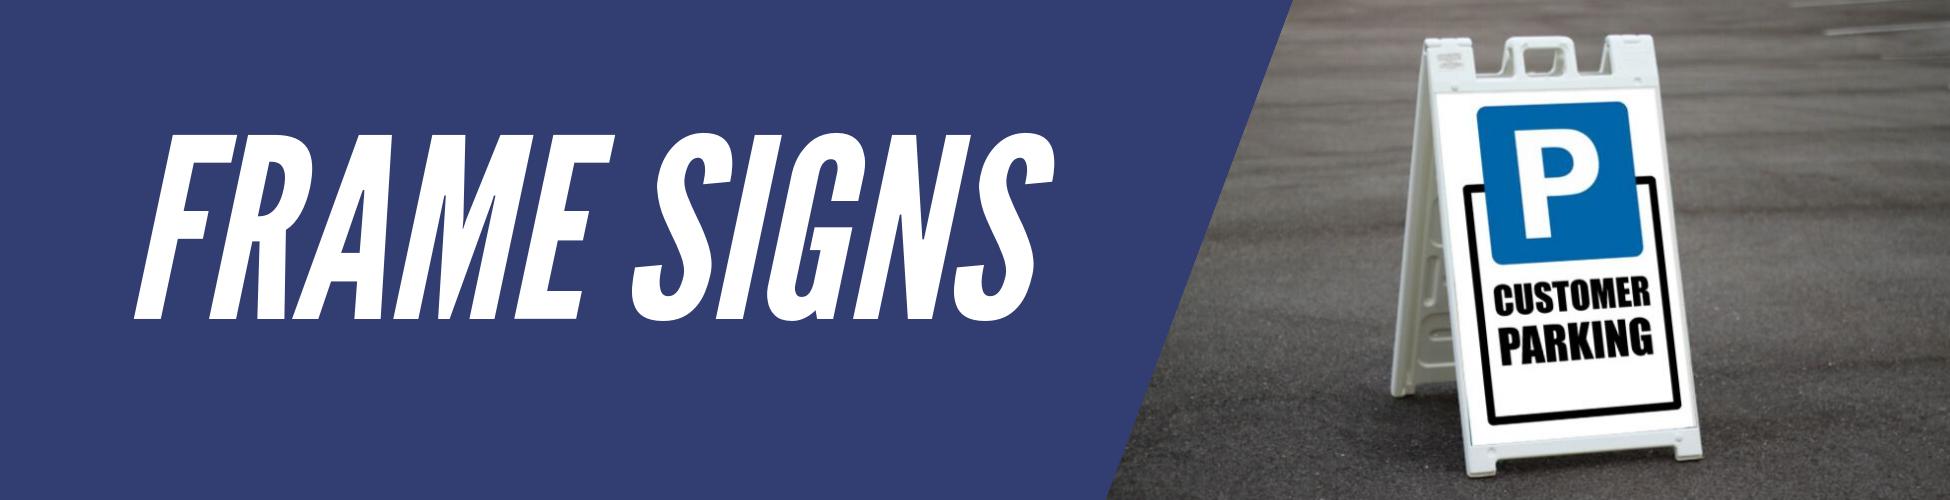 frame-signs-banner-v3.png